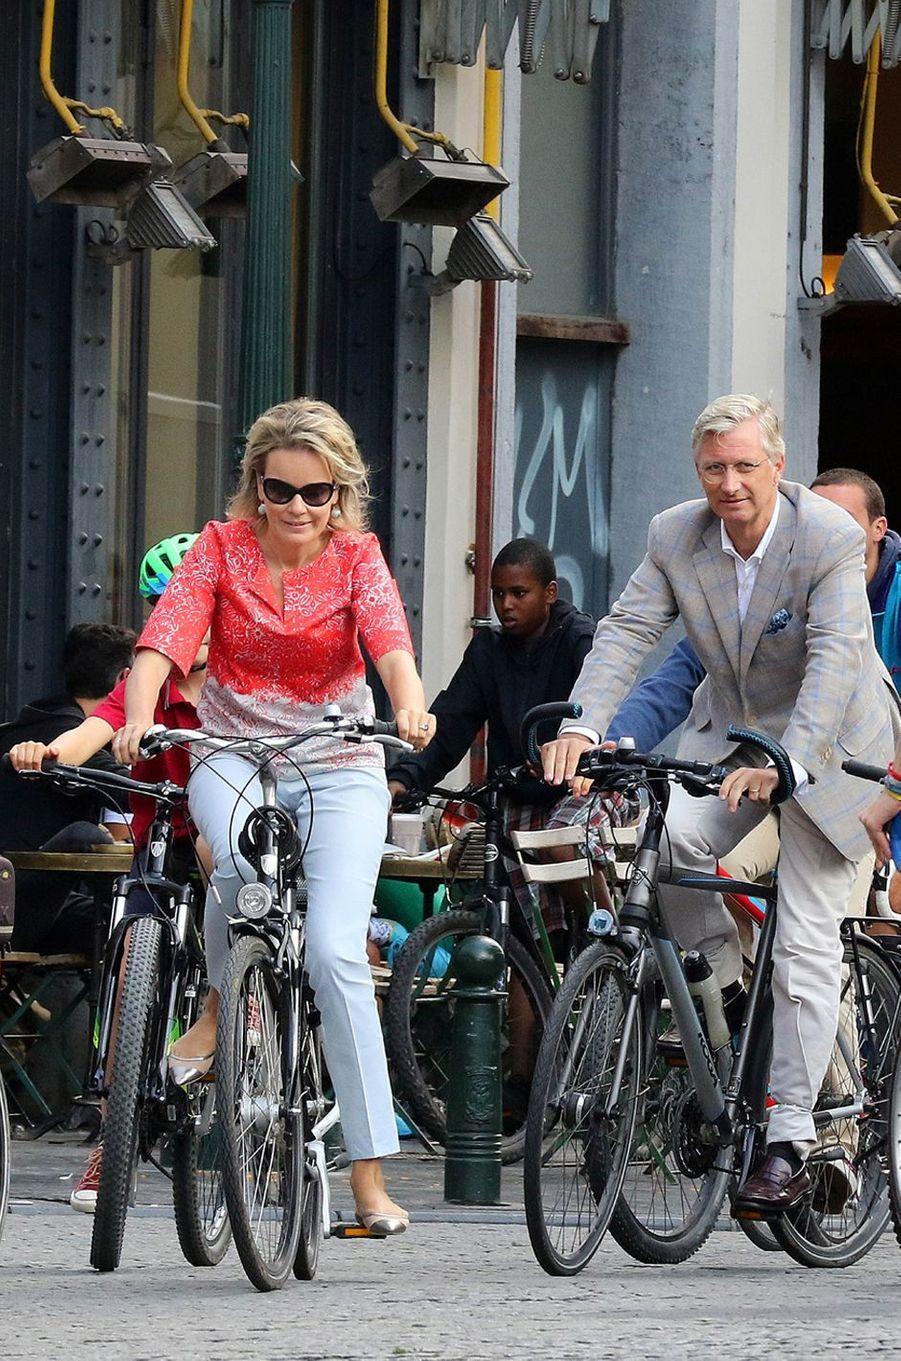 La reine Mathilde et le roi Philippe de Belgique à Bruxelles, le 18 septembre 2016